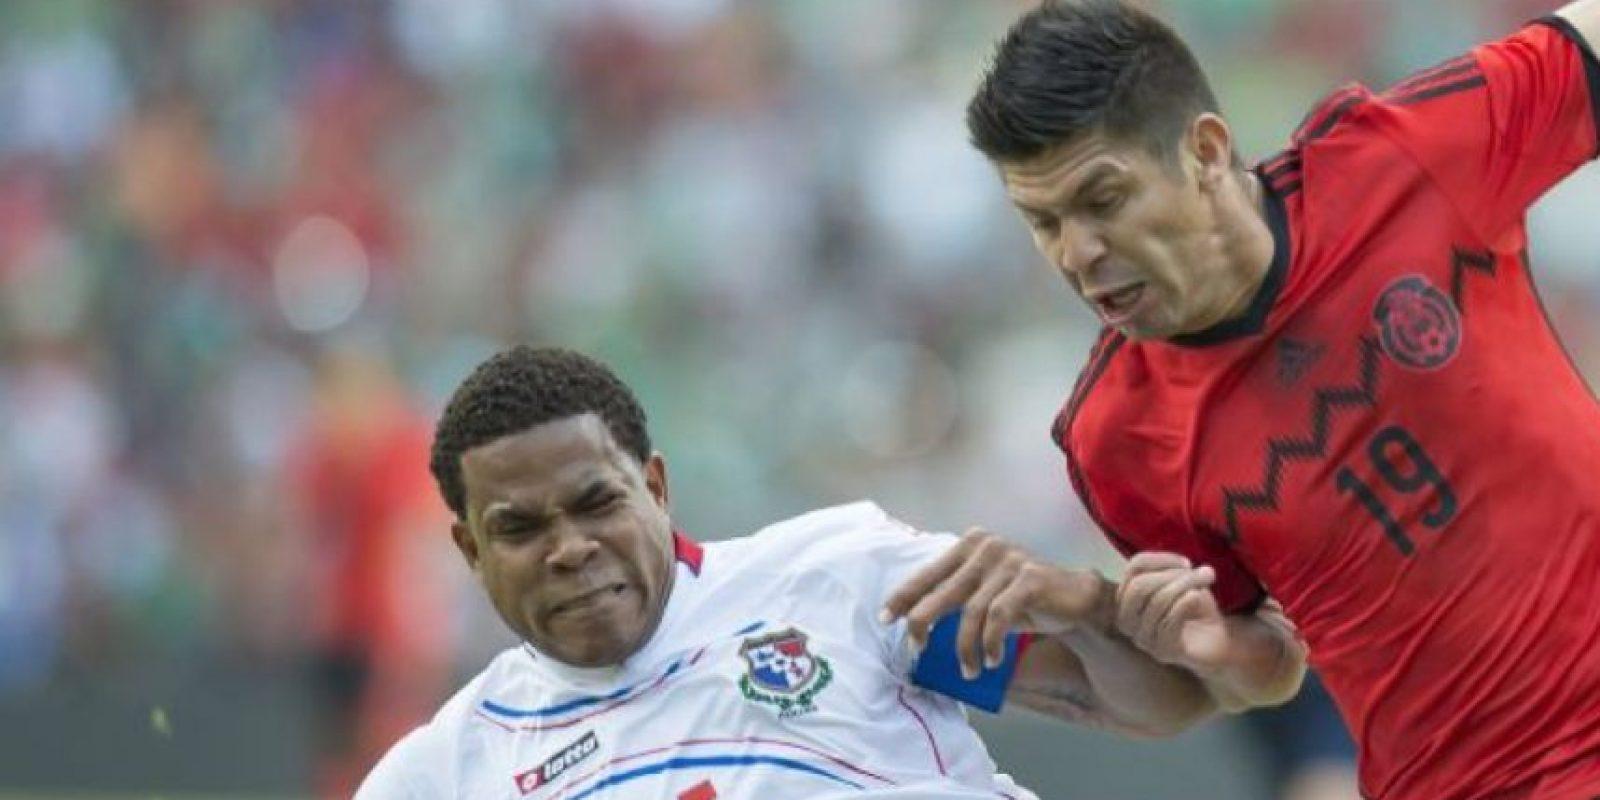 """El partido que comenzó ganando Panamá ahora causa polémica, pues varias decisiones arbitrales han estado a favor de los mexicanos. Incluso varios que apoyan al """"Tri"""" están enojados por ello. Foto:vía MexPort"""